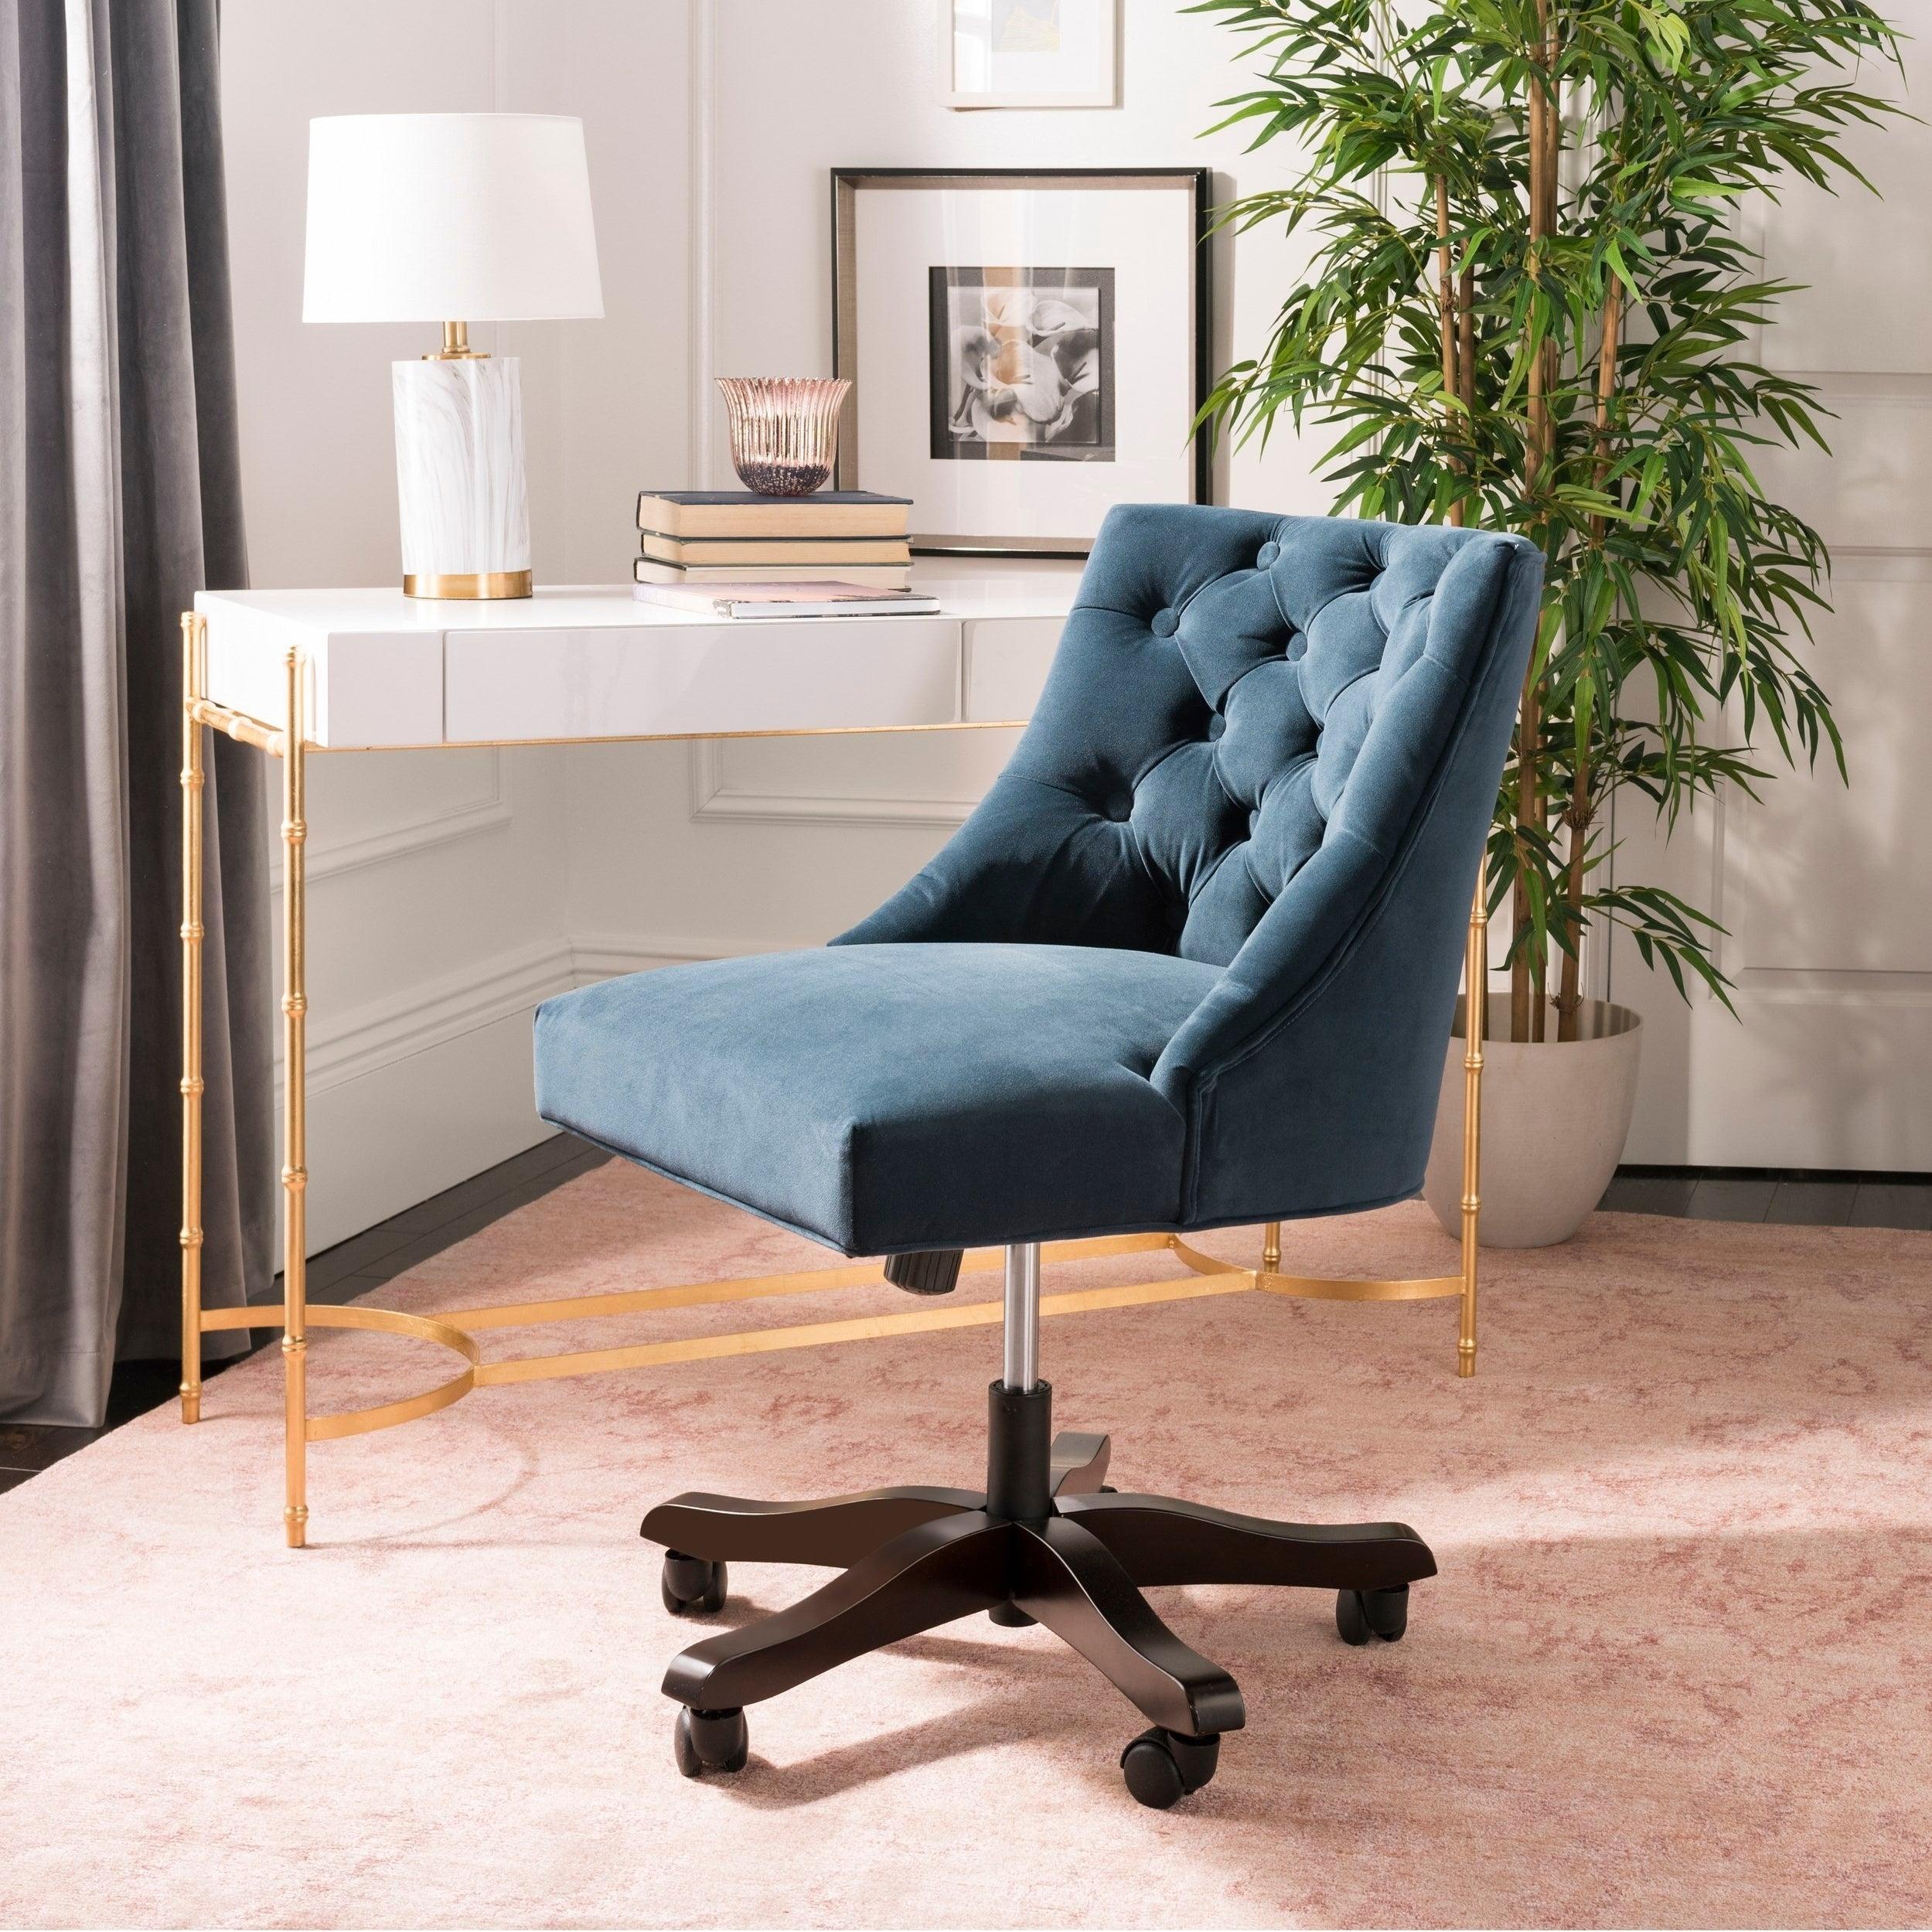 Astonishing Safavieh Soho Tufted Velvet Swivel Desk Chair 25 2 X 27 2 X 33 9 Ocoug Best Dining Table And Chair Ideas Images Ocougorg